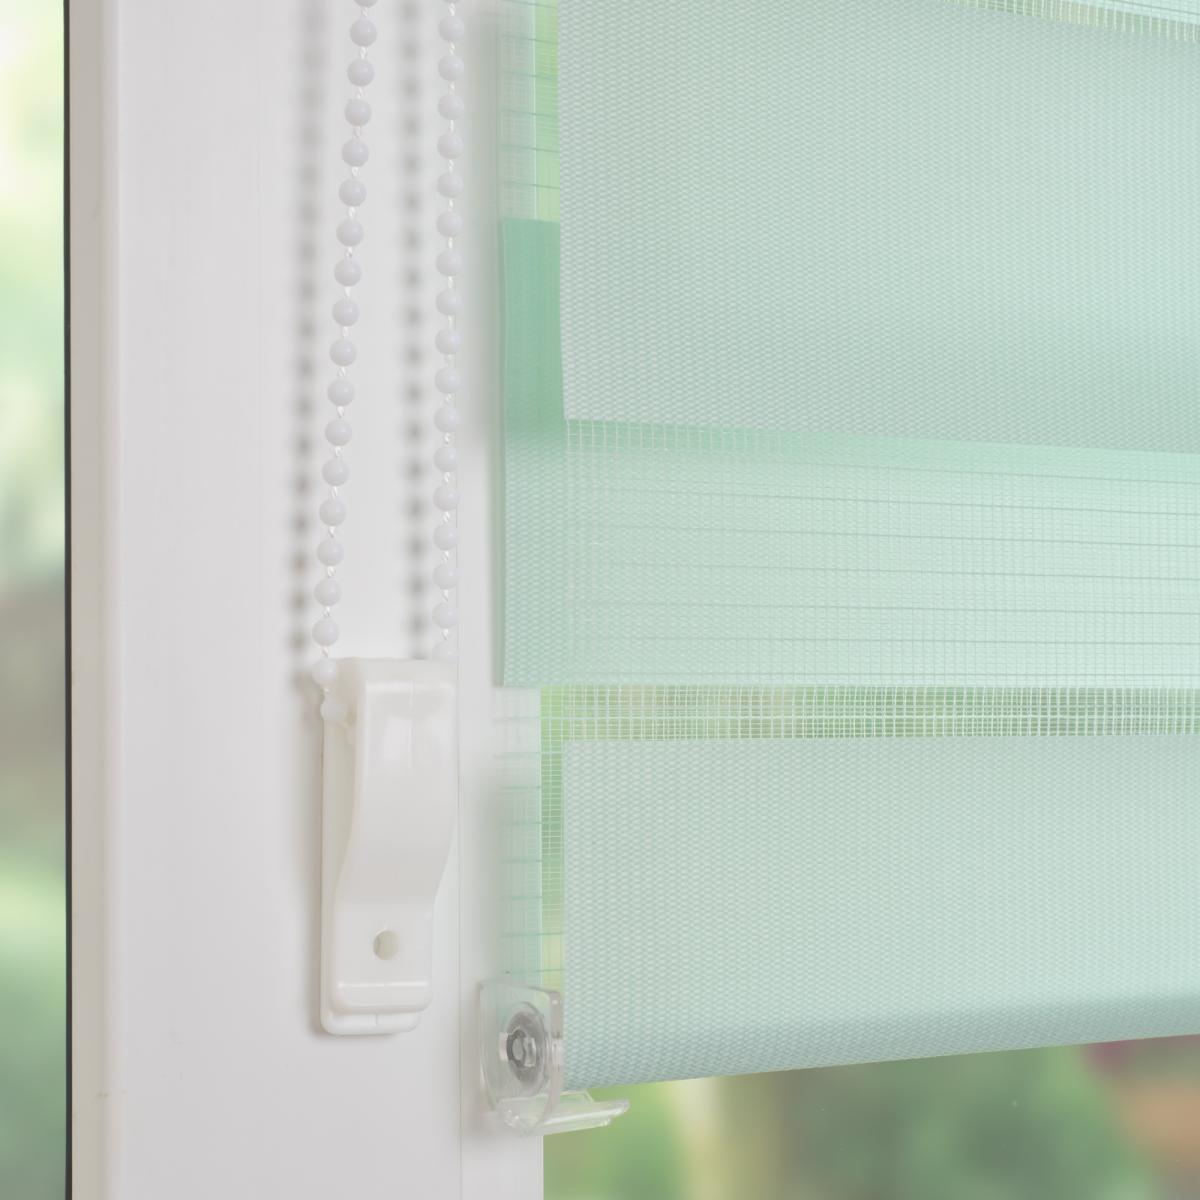 Bild 5 von Bella Casa Duo-Rollo mini, Klemmfix Doppelrollo, pastellgrün, Rollo 45 x 160 cm (B x H)